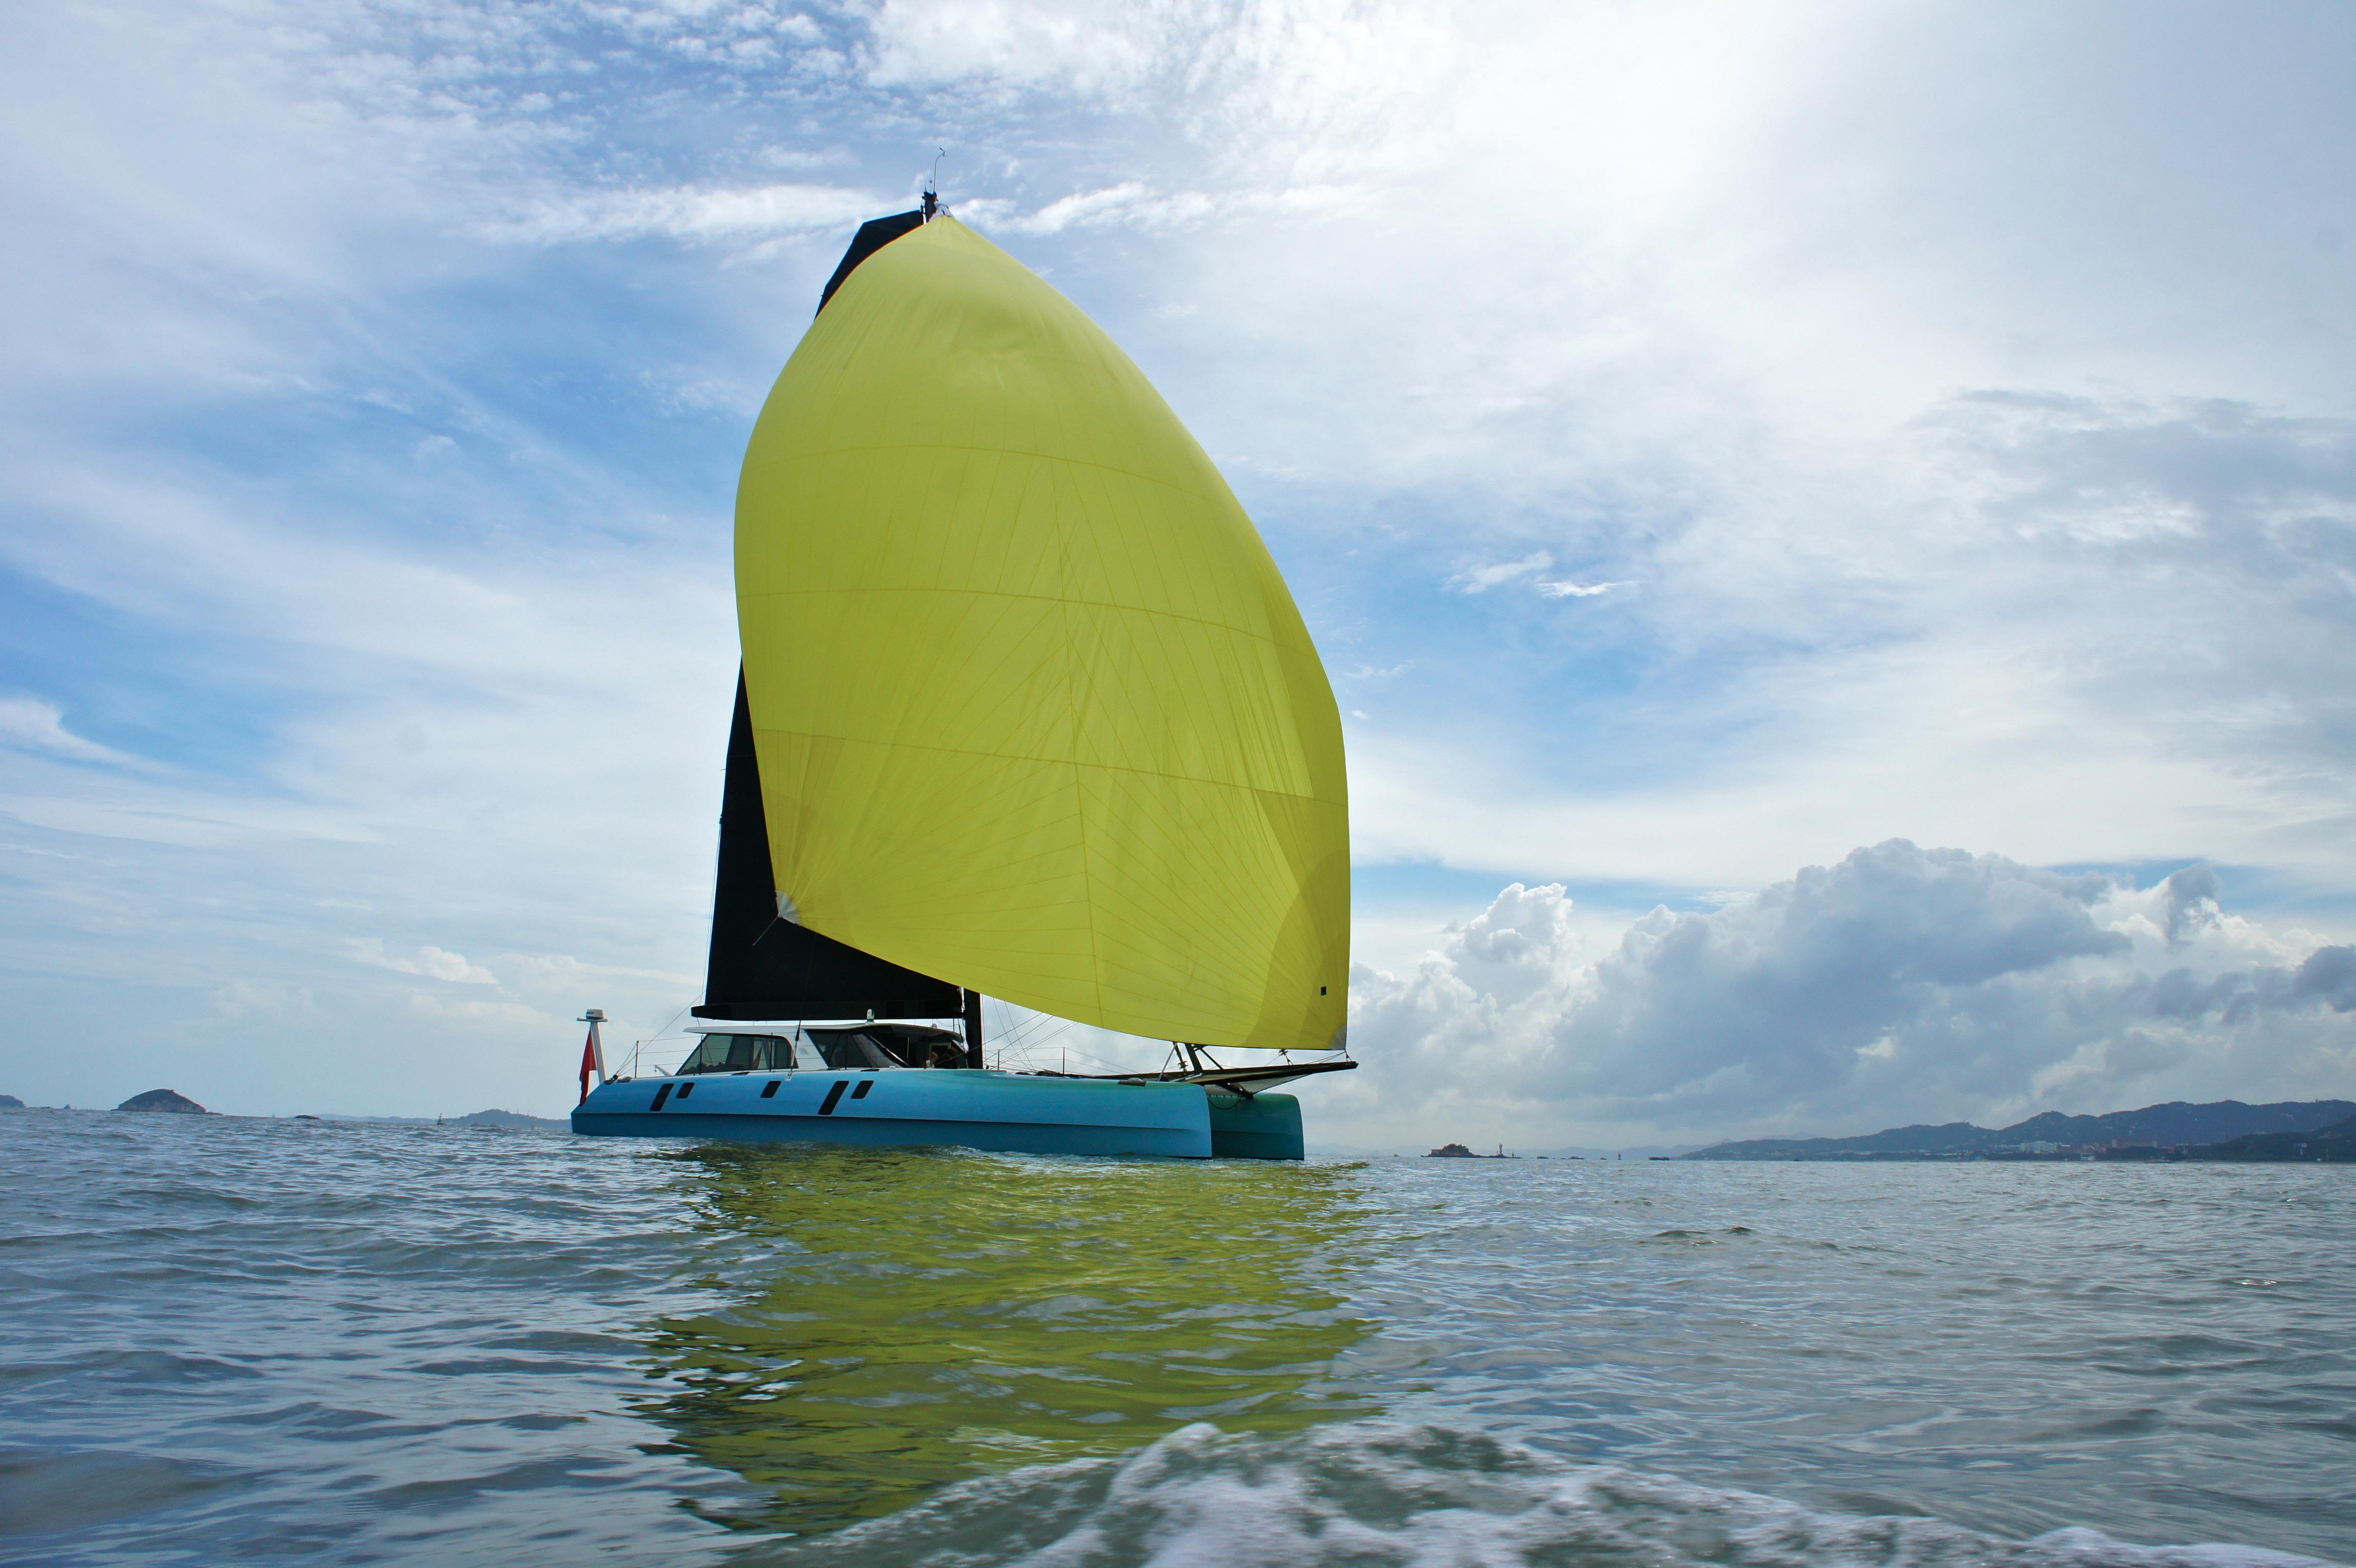 Gunboat Boat image